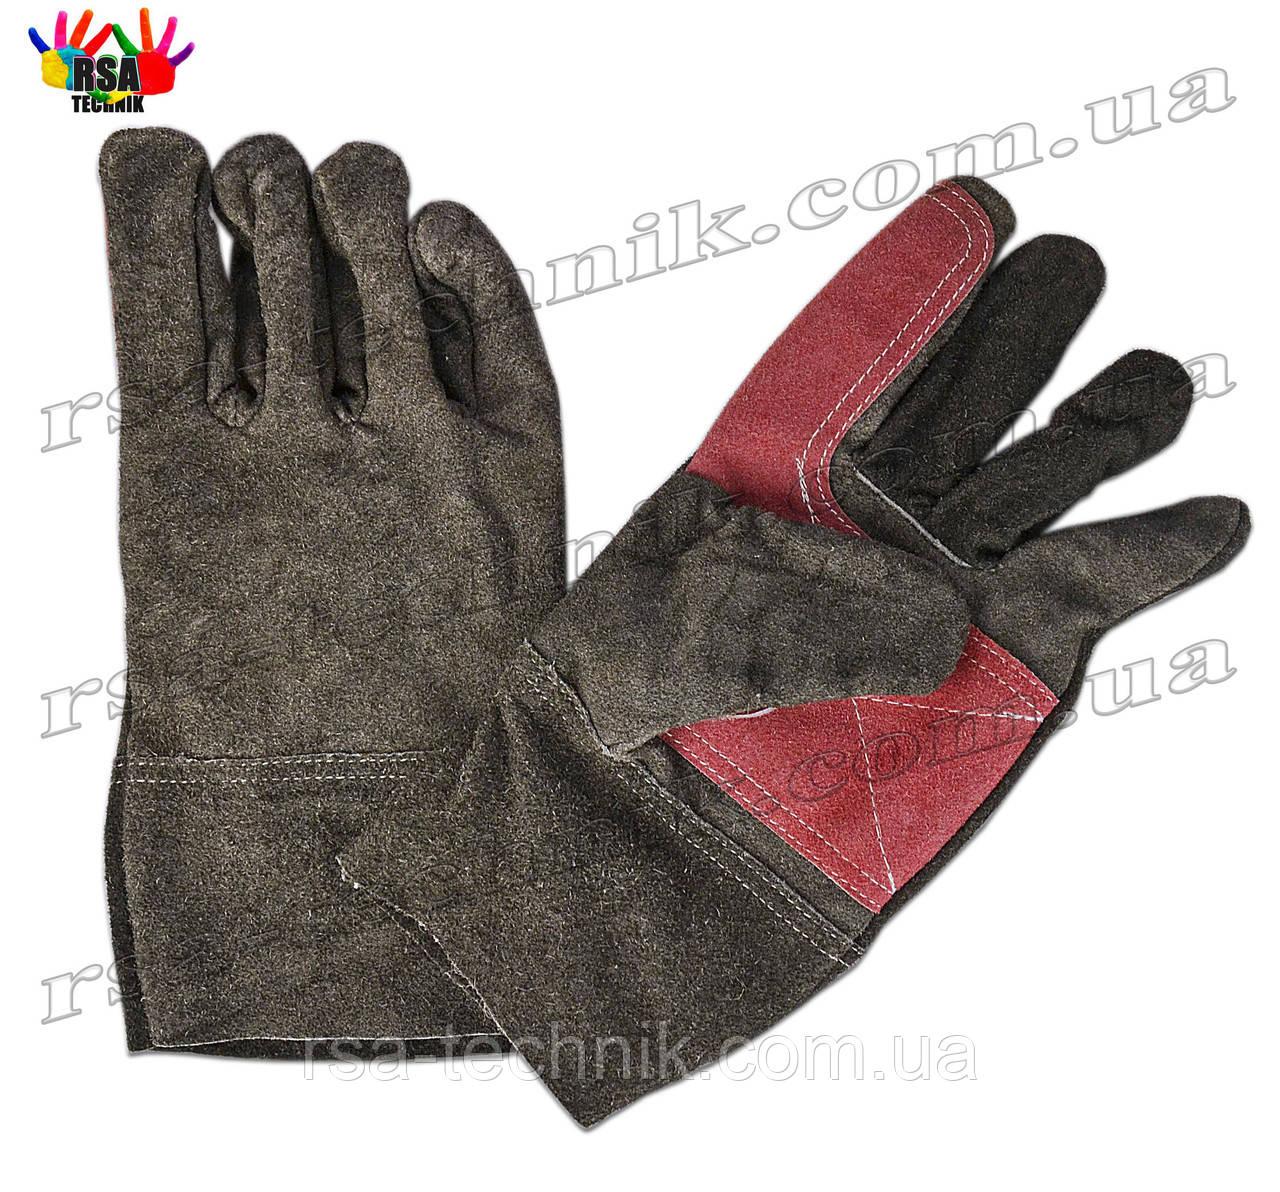 Рукавички спилкові чорно-червоні